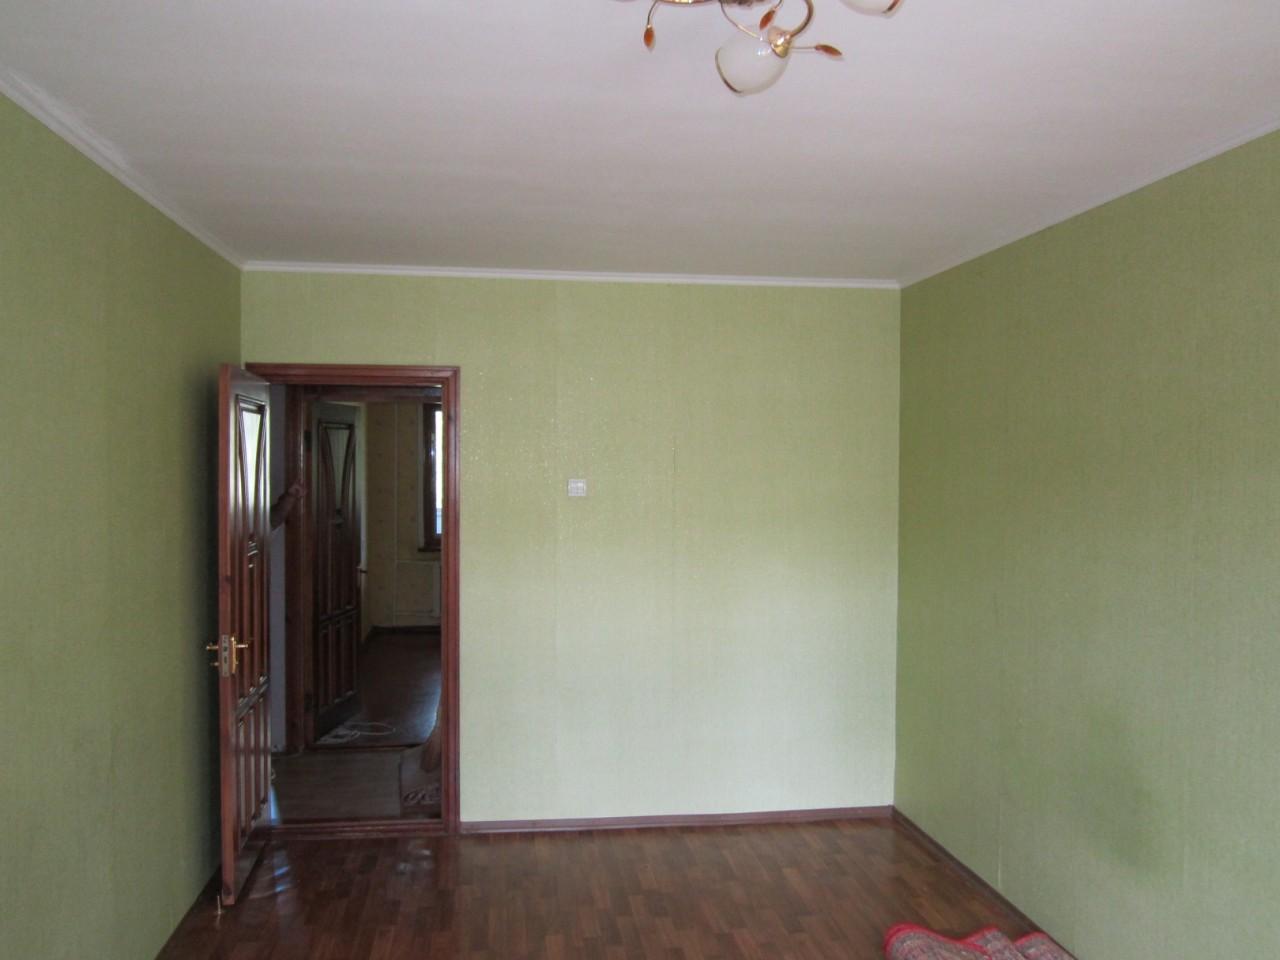 Продам 2х комн. квартиру в Кременчуге. Водоканал. 4/5 пан. 48 кв.м. Частичный ремонт.